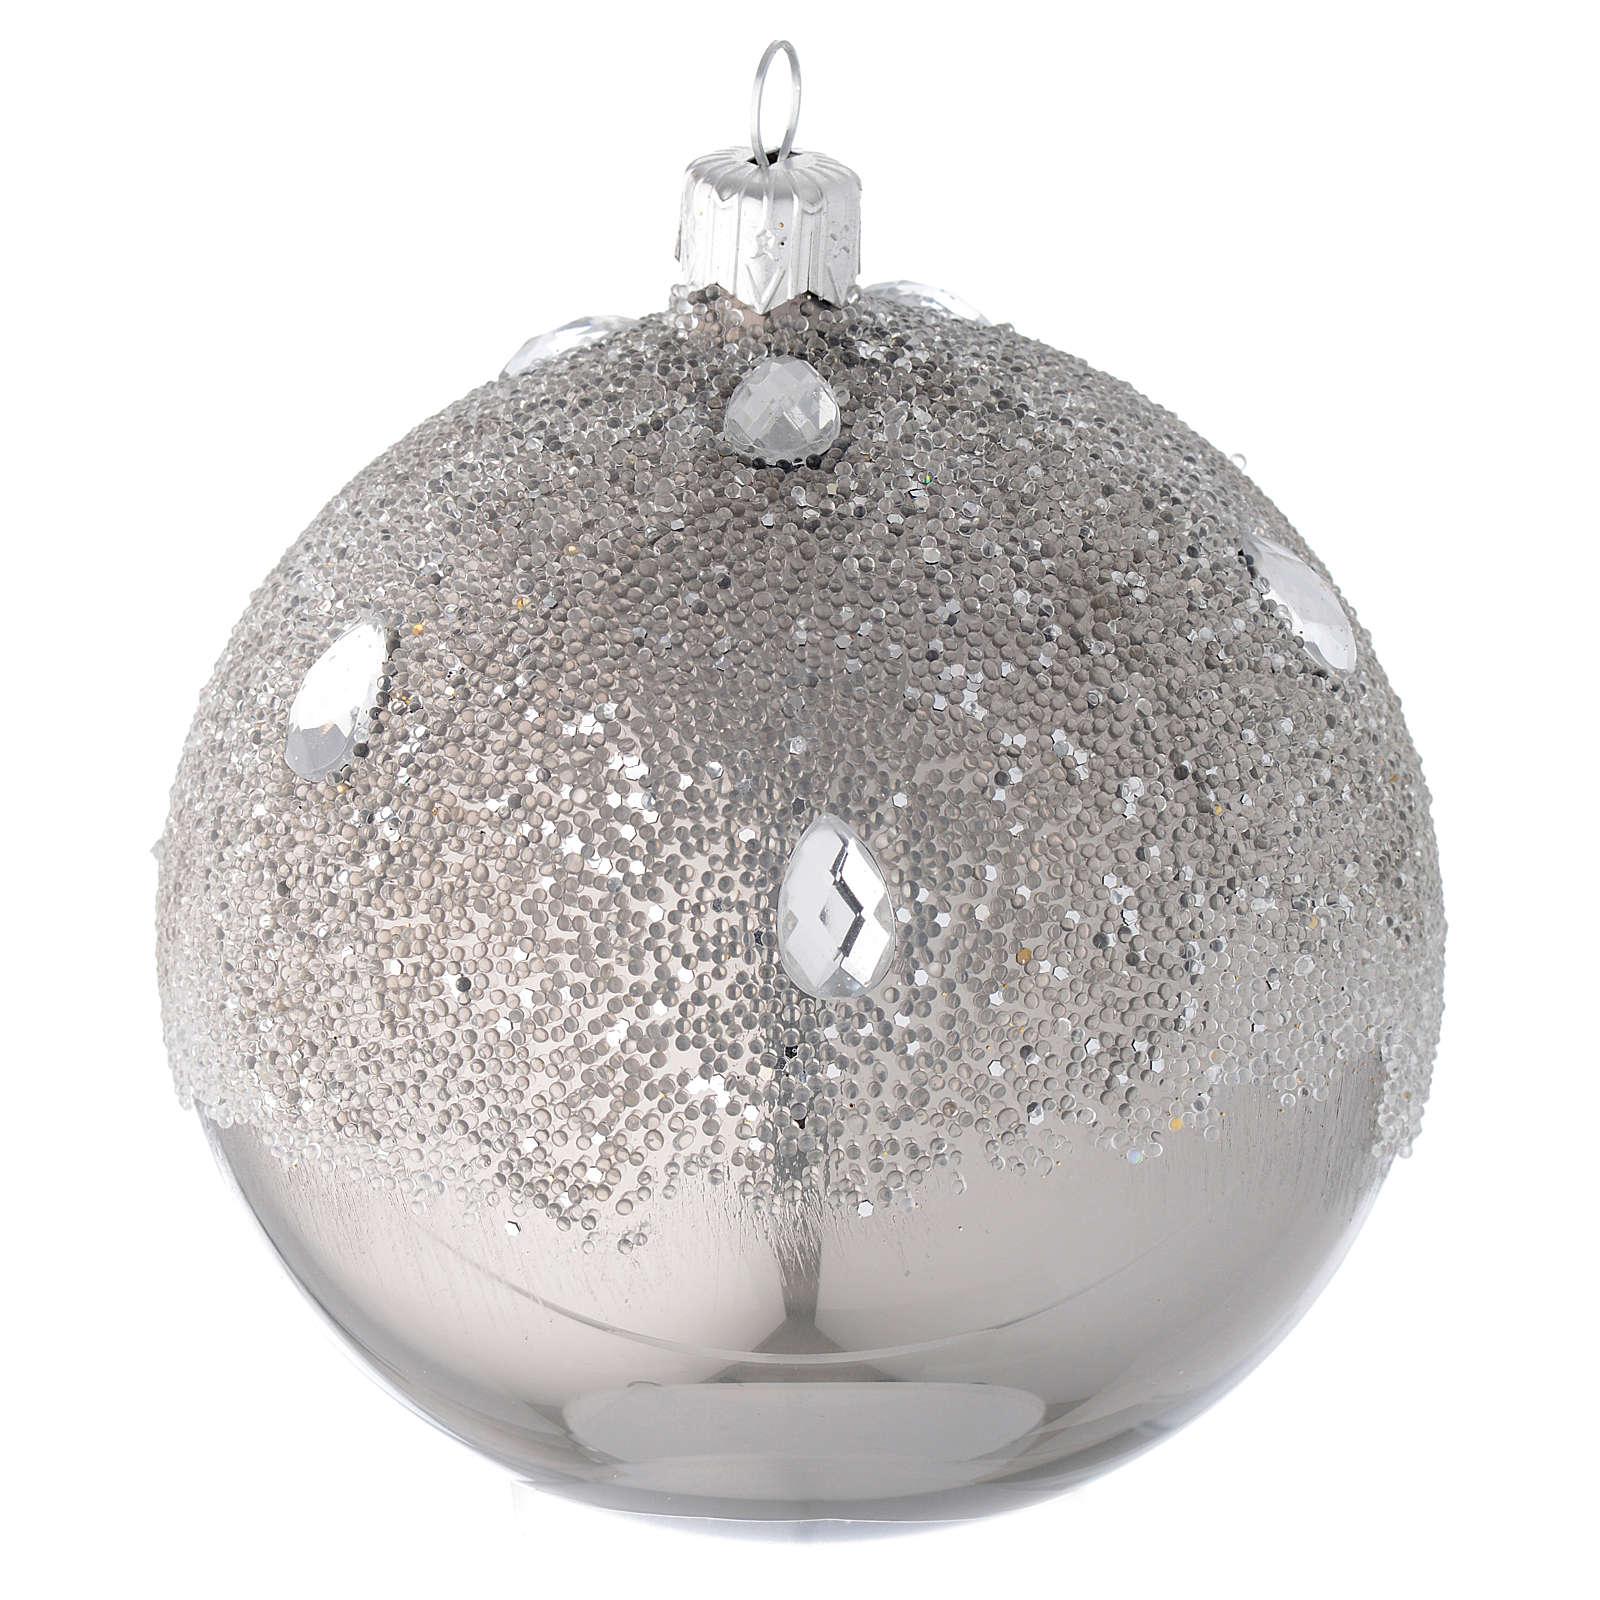 Bola para árbol de Navidad de vidrio soplado plata efecto hielo 100 mm 4